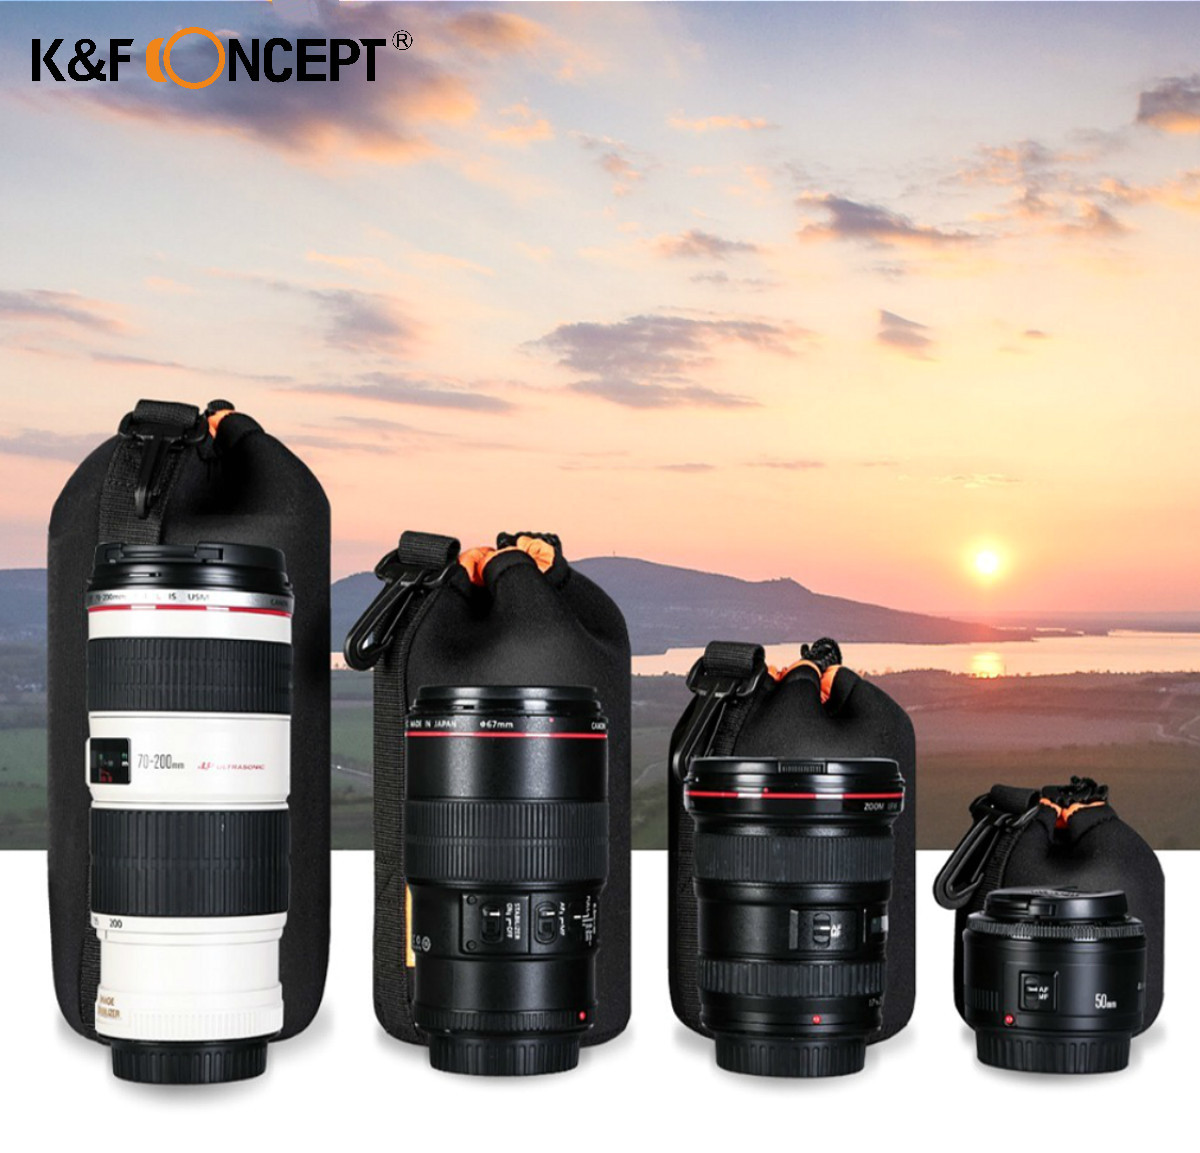 K & F CONCEPT чехол для объективов камеры Мягкий защитный портативный неопреновый чехол для объектива сумка 4 размера Canon Nikon DSLR Цифровые Сумки дл